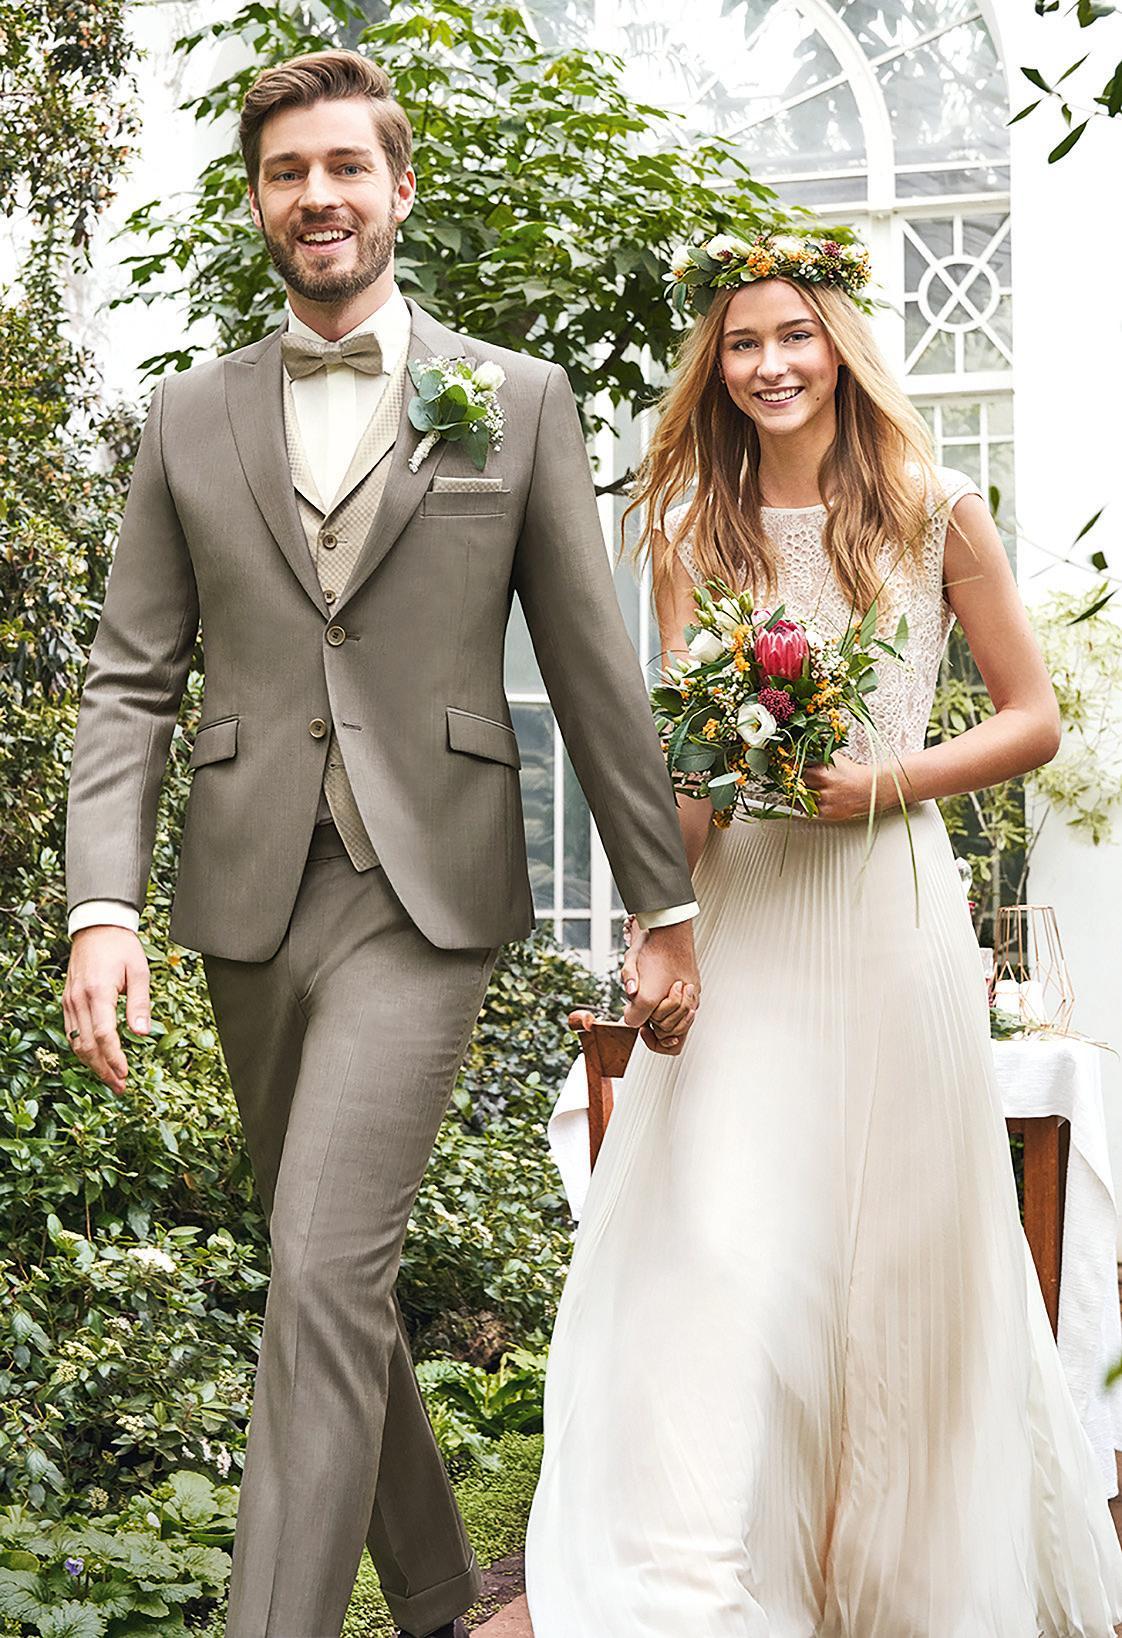 Manch ein Brautkleid ist so wunderbar schlicht, dass der Stil durch Accessoires äußerst wandelbar ist. Foto: Wilvorst